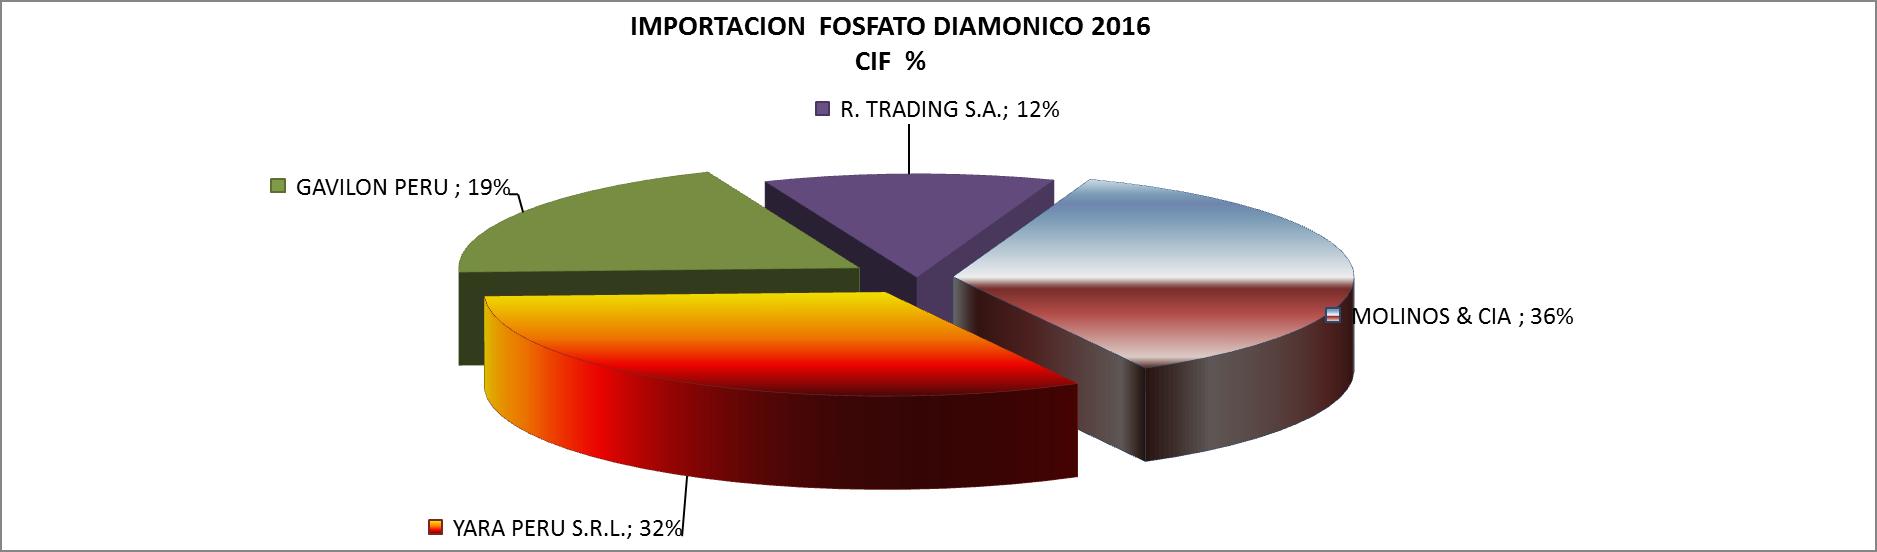 Fosfato Diamónico Perú Importación Mayo 2016